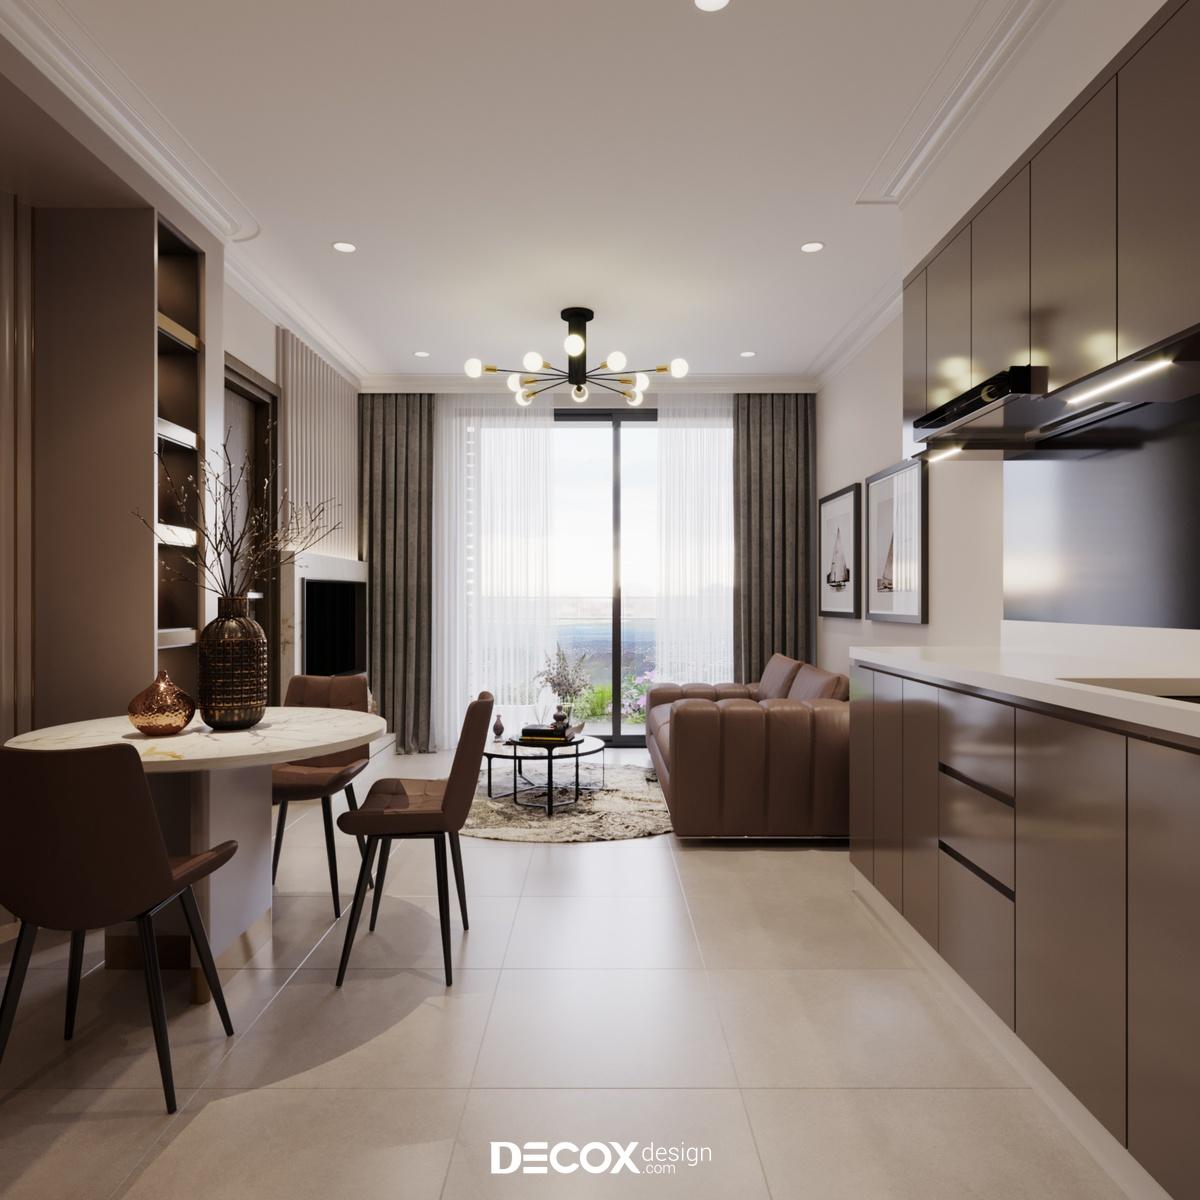 30 Mẫu thiết kế phòng khách chung cư, nhà phố, biệt thự hiện đại, sang trọng, đẹp nhất 2021